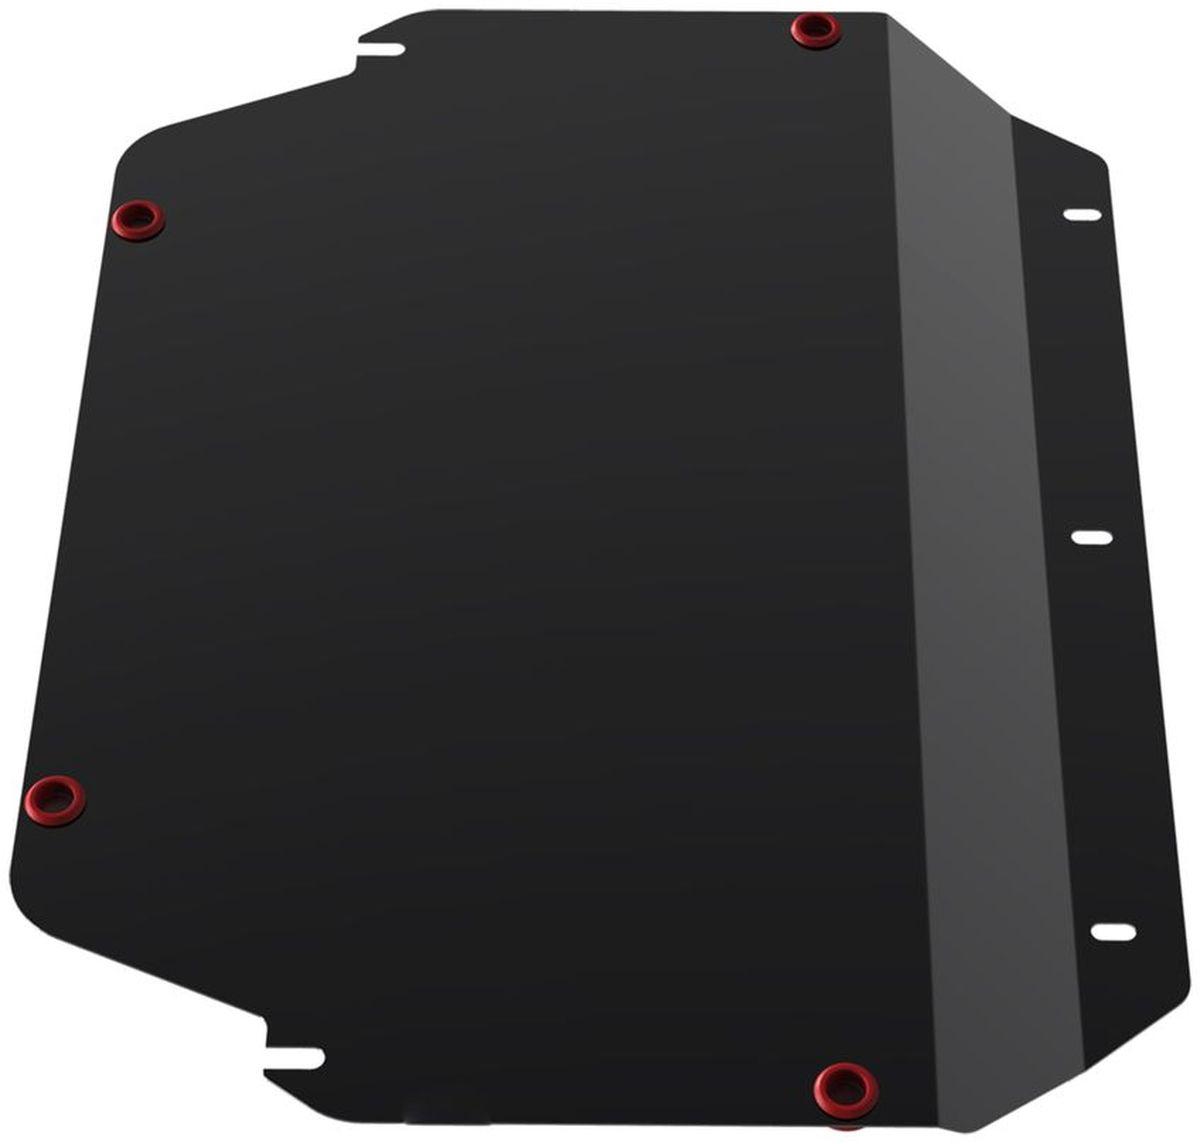 Защита картера и КПП Автоброня, для Hyundai Verna/Kia Rio III. 111.02805.2111.02805.2Технологически совершенный продукт за невысокую стоимость. Защита разработана с учетом особенностей днища автомобиля, что позволяет сохранить дорожный просвет с минимальным изменением. Защита устанавливается в штатные места кузова автомобиля. Глубокий штамп обеспечивает до двух раз больше жесткости в сравнении с обычной защитой той же толщины. Проштампованные ребра жесткости препятствуют деформации защиты при ударах. Тепловой зазор и вентиляционные отверстия обеспечивают сохранение температурного режима двигателя в норме. Скрытый крепеж предотвращает срыв крепежных элементов при наезде на препятствие. Шумопоглощающие резиновые элементы обеспечивают комфортную езду без вибраций и скрежета металла, а съемные лючки для слива масла и замены фильтра - экономию средств и время. Конструкция изделия не влияет на пассивную безопасность автомобиля (при ударе защита не воздействует на деформационные зоны кузова). Со штатным крепежом. В комплекте инструкция по...